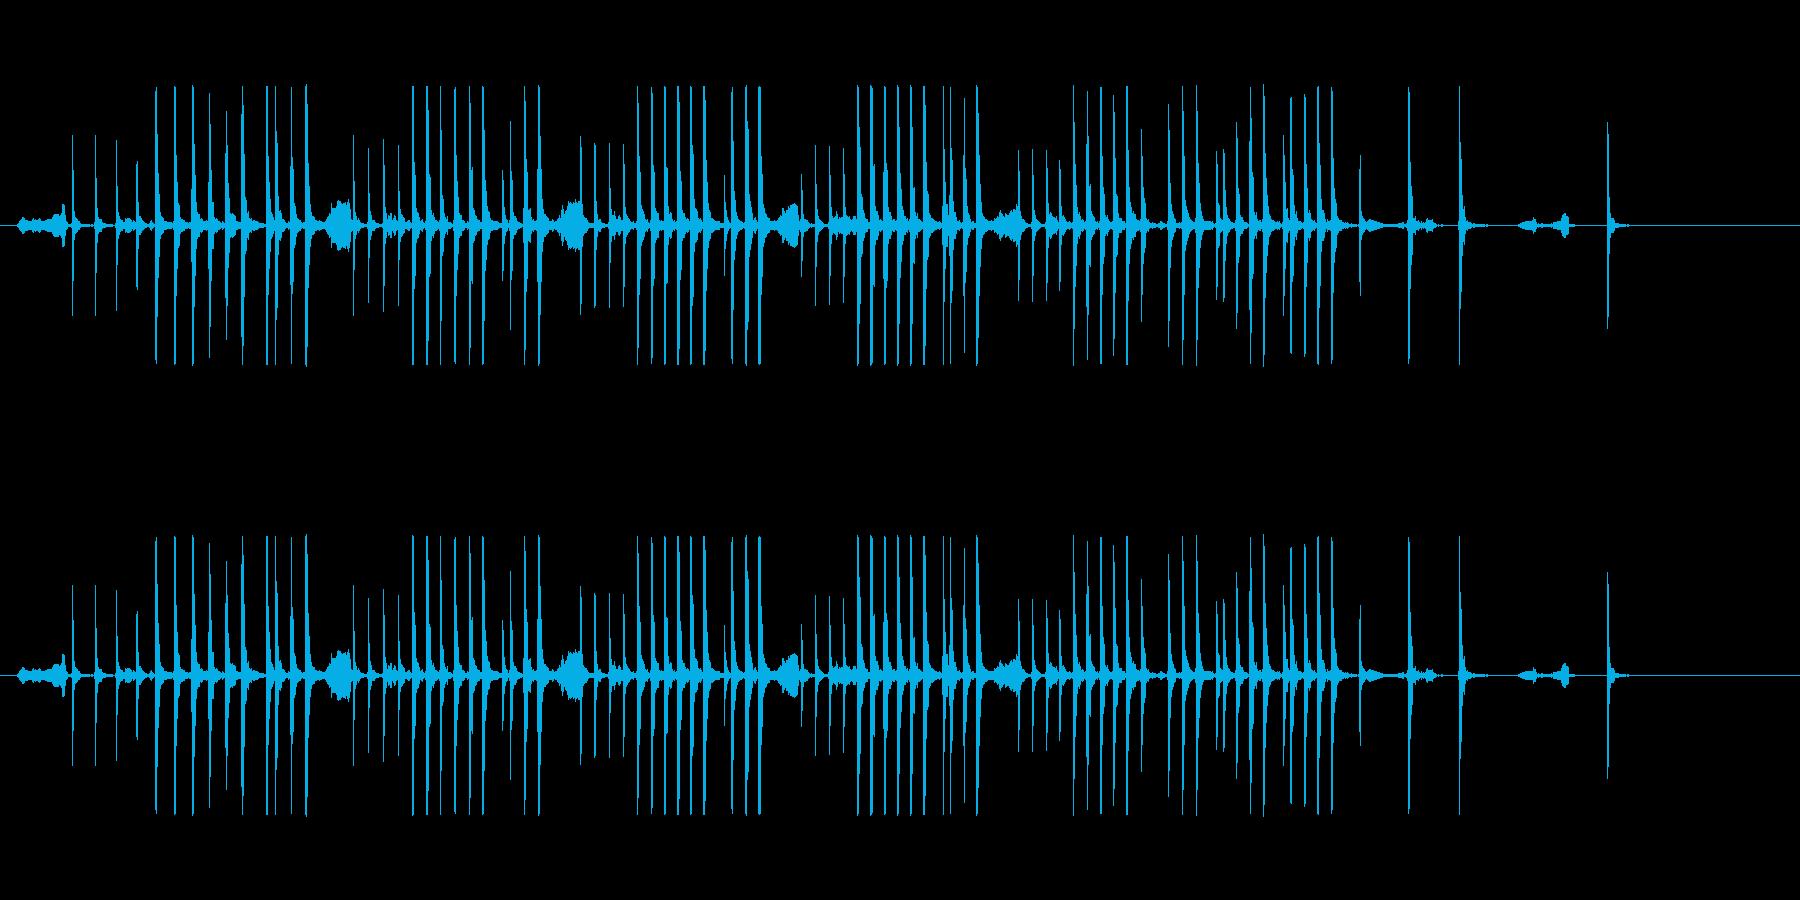 鼓16急の舞風和風歌舞伎アジアンイヨーポの再生済みの波形